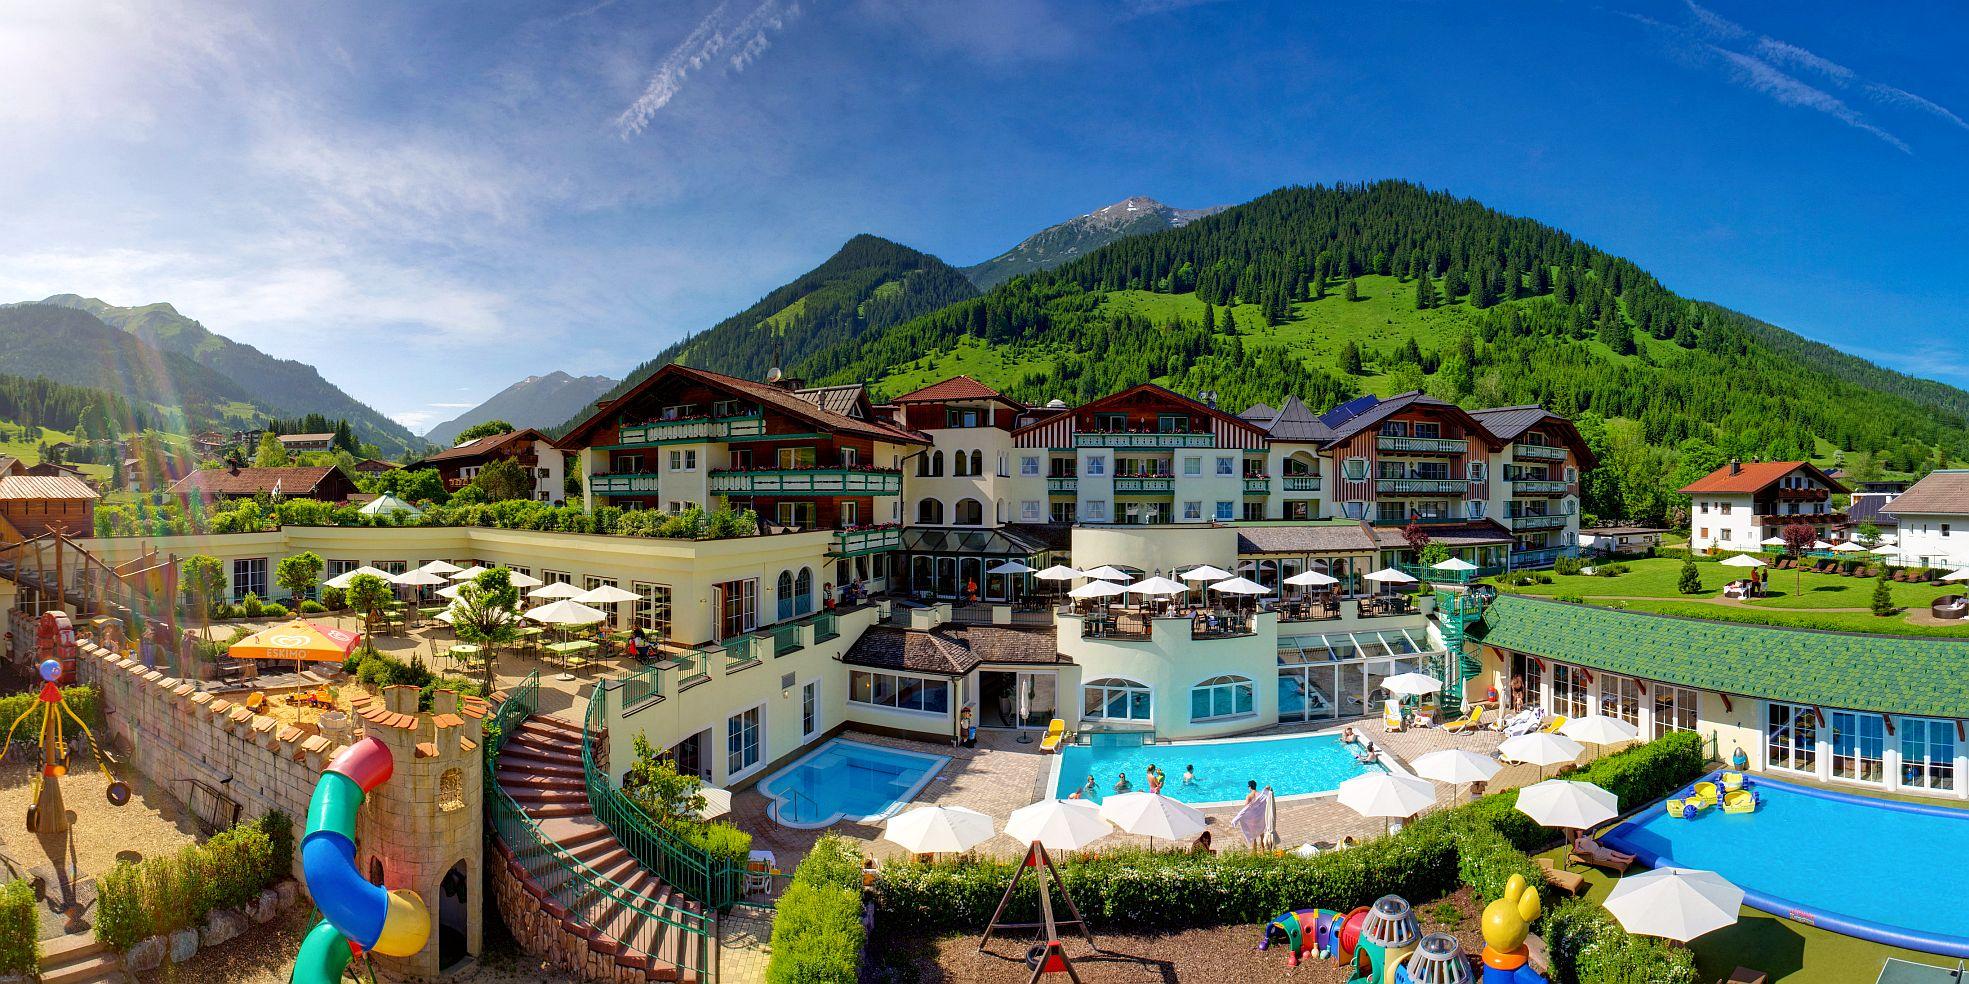 Hotel Sieben Osterreich